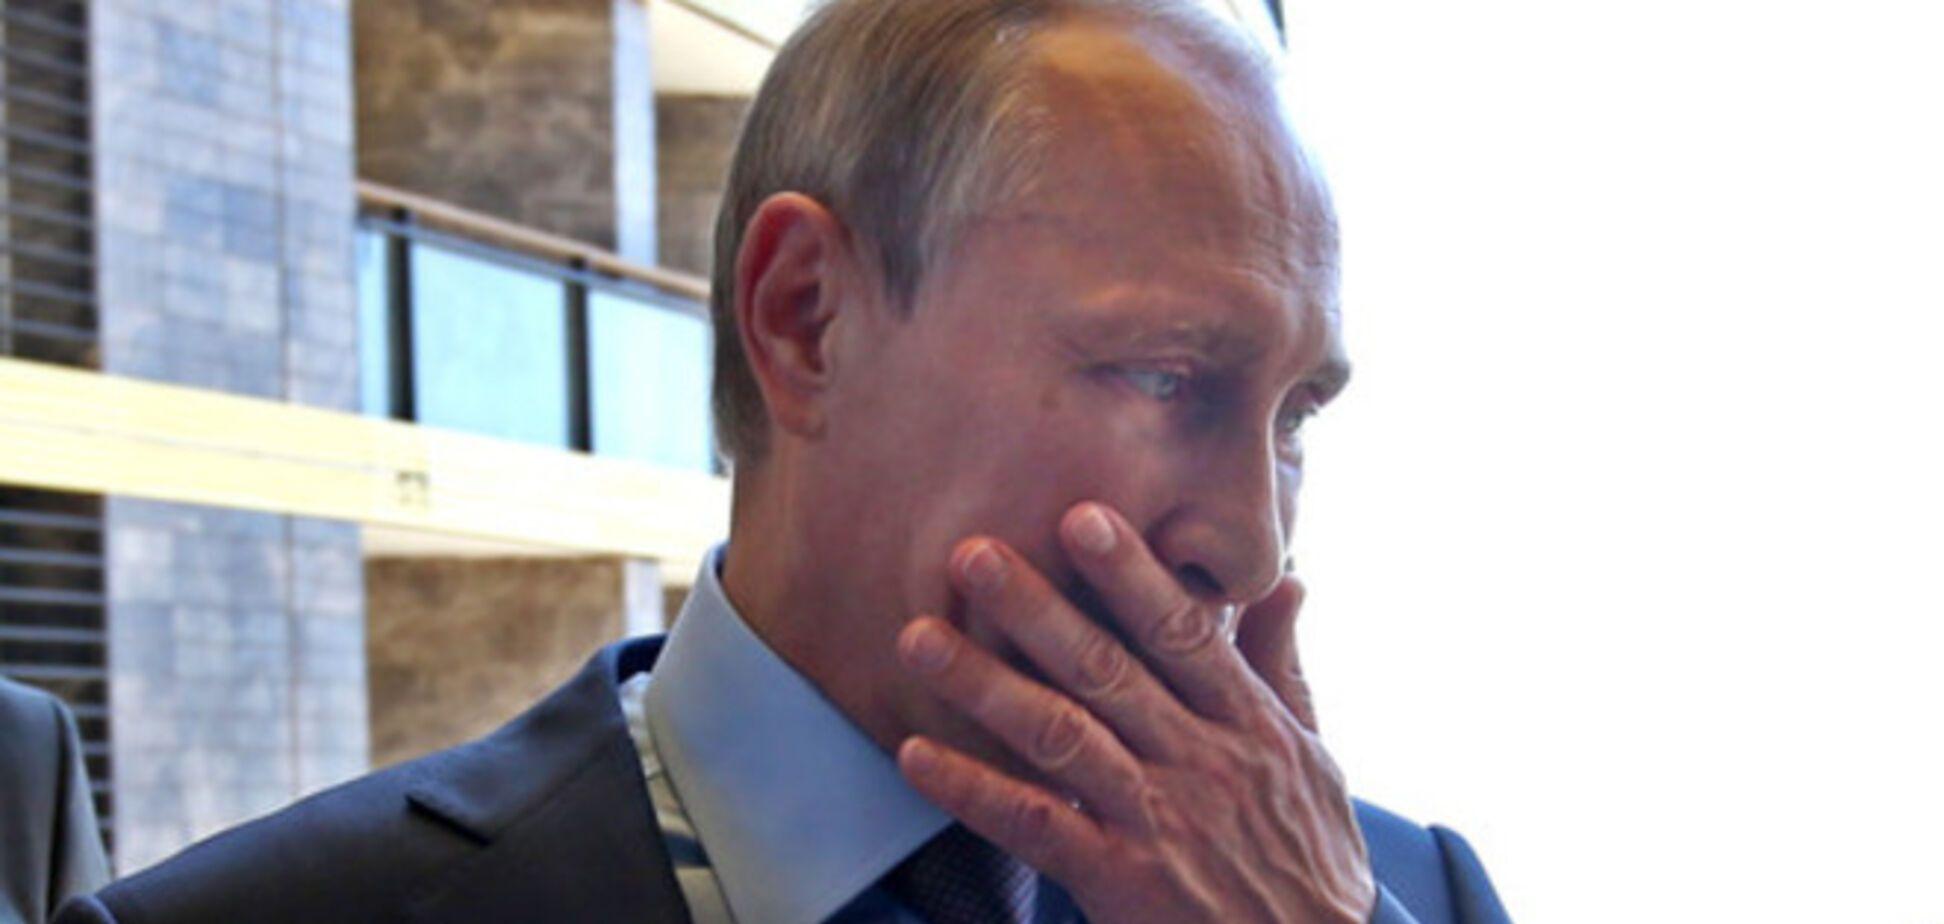 В МВД разузнали, что Путин секретным указом предоставил гражданство РФ Азарову, Пшонке, Януковичу